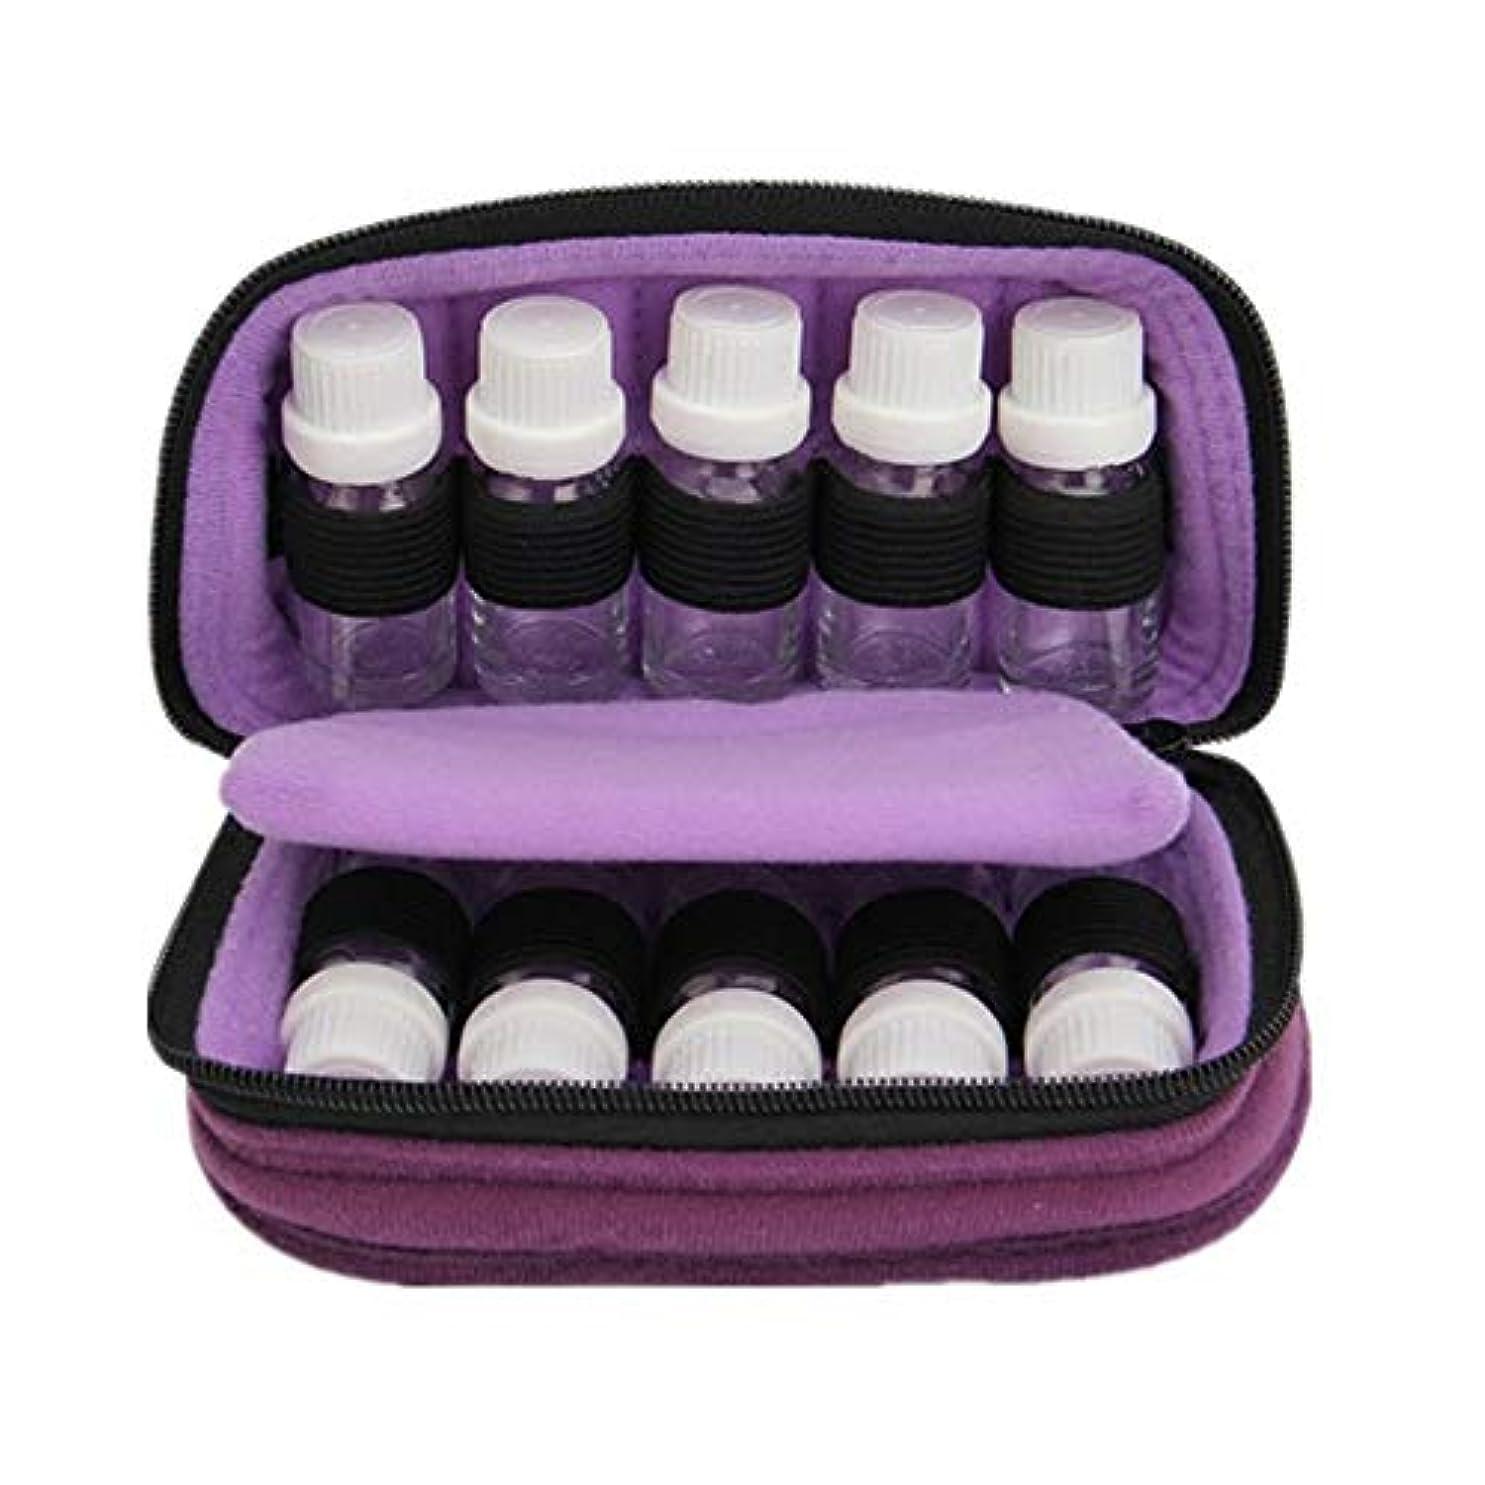 チャネル豆腐教師の日エッセンシャルオイルボックス 15ミリリットルトラベルオーガナイザーバッグ用のストレージ10は、エッセンシャルオイルのスーツケースのバッグ完璧な10本のボトルを移動します アロマセラピー収納ボックス (色 : 紫の, サイズ...